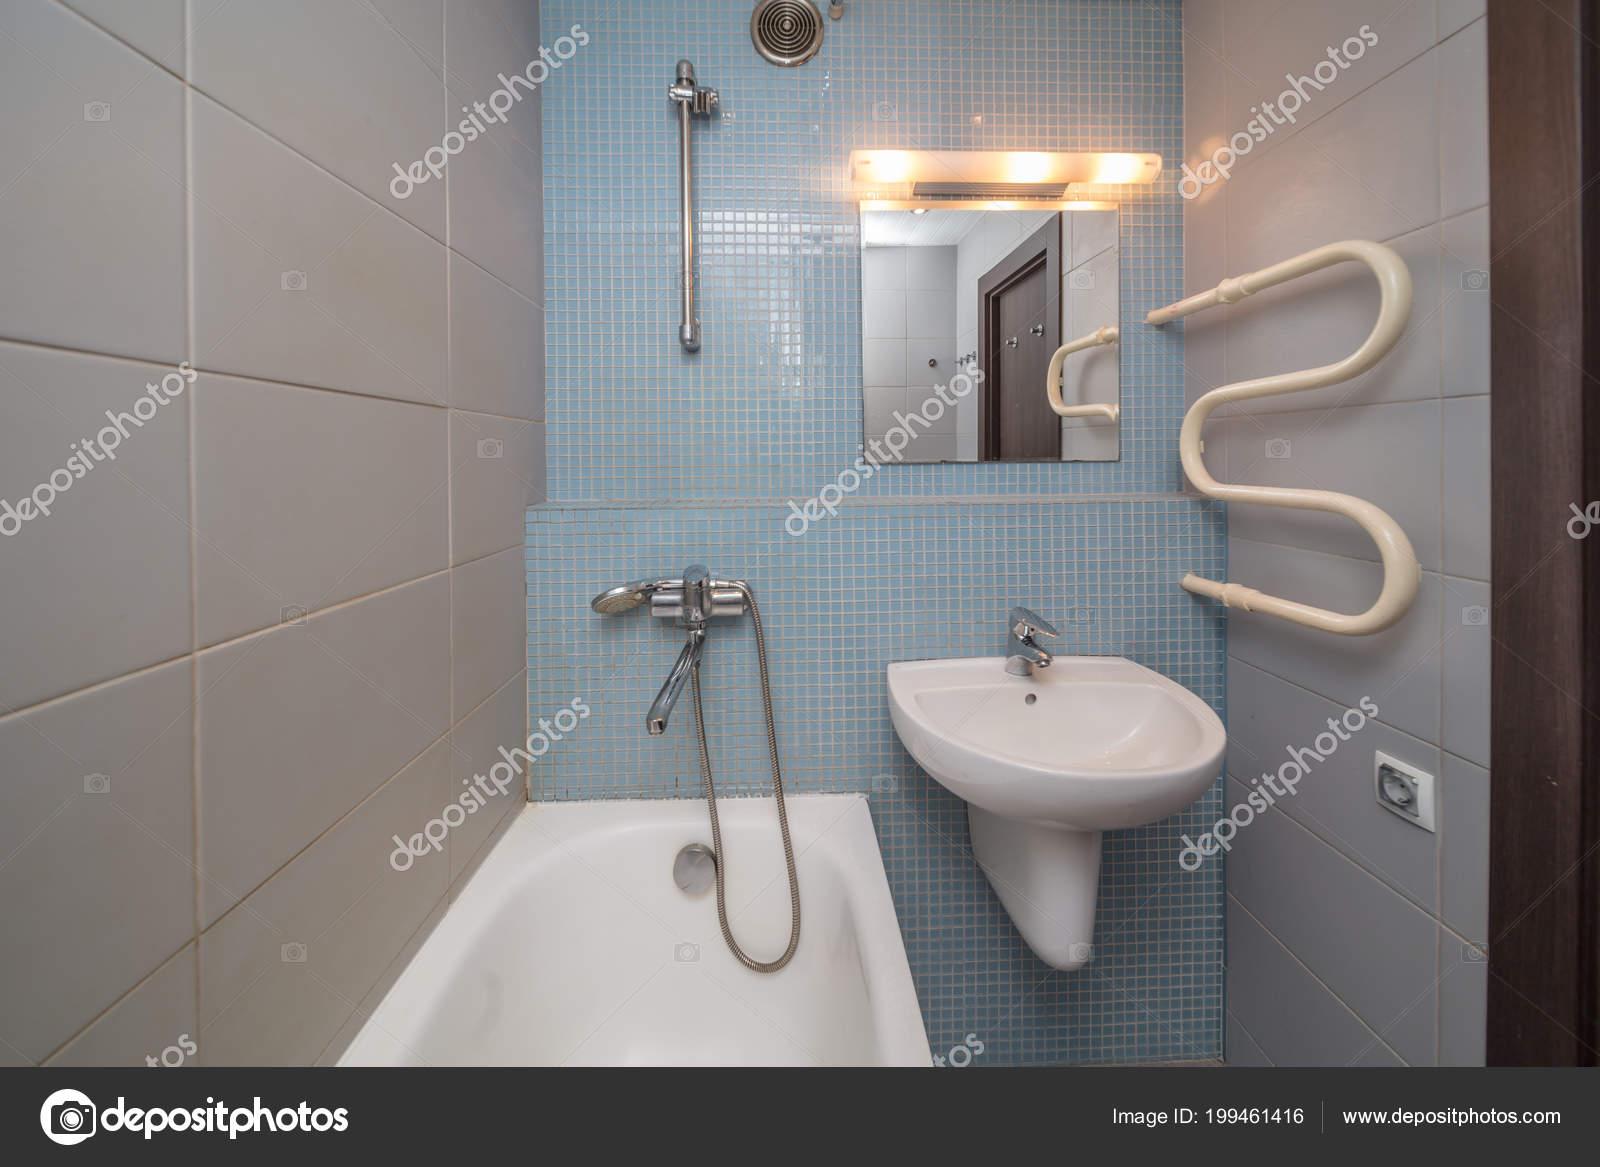 Badkamer Grijze Tegels : Kleine grijze tegel badkamer met bad wastafel u2014 stockfoto